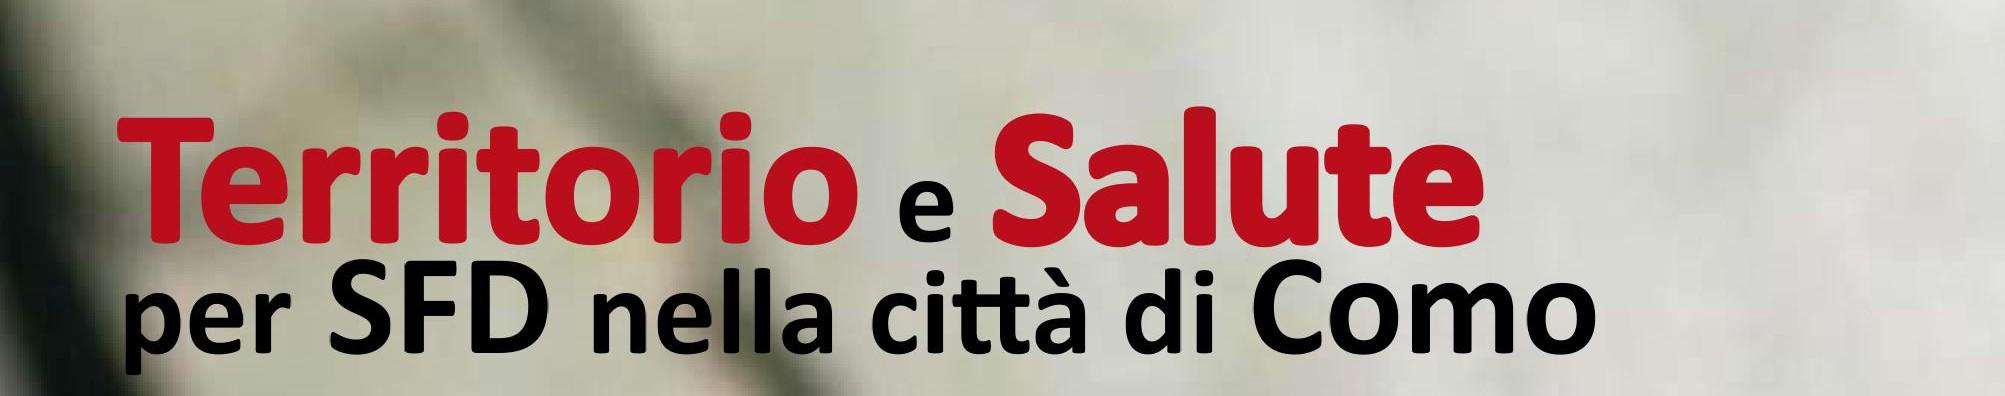 Territorio e Salute per SFD nella città di Como